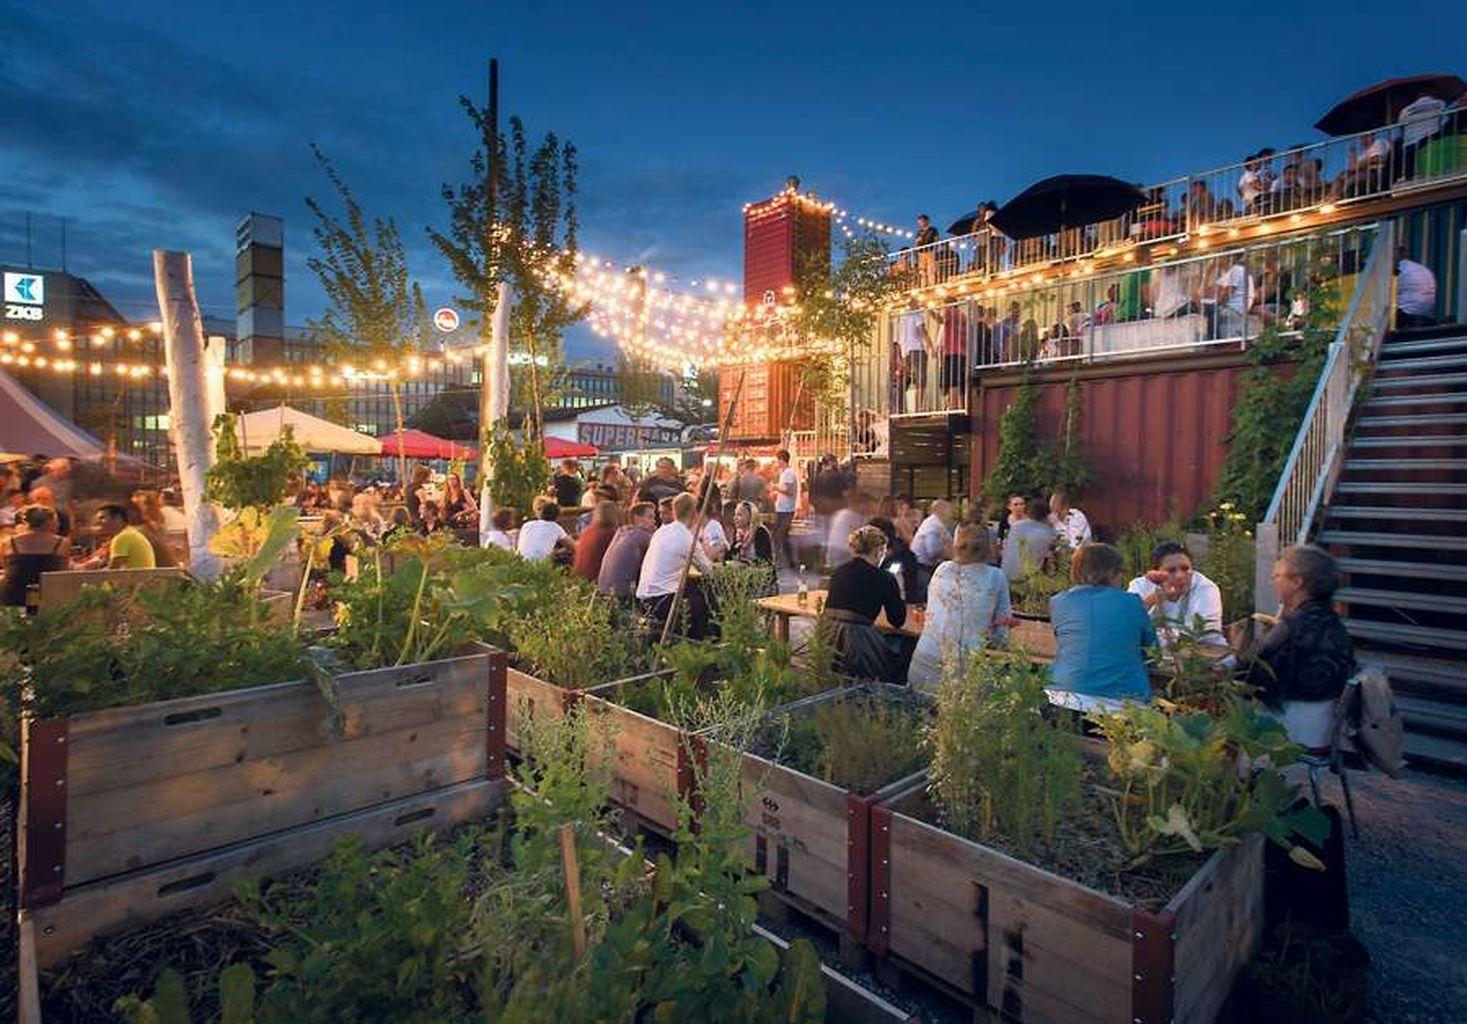 60 Unique Beer Garden Design With Images Beer Garden Design Beer Garden Ideas Urban Garden